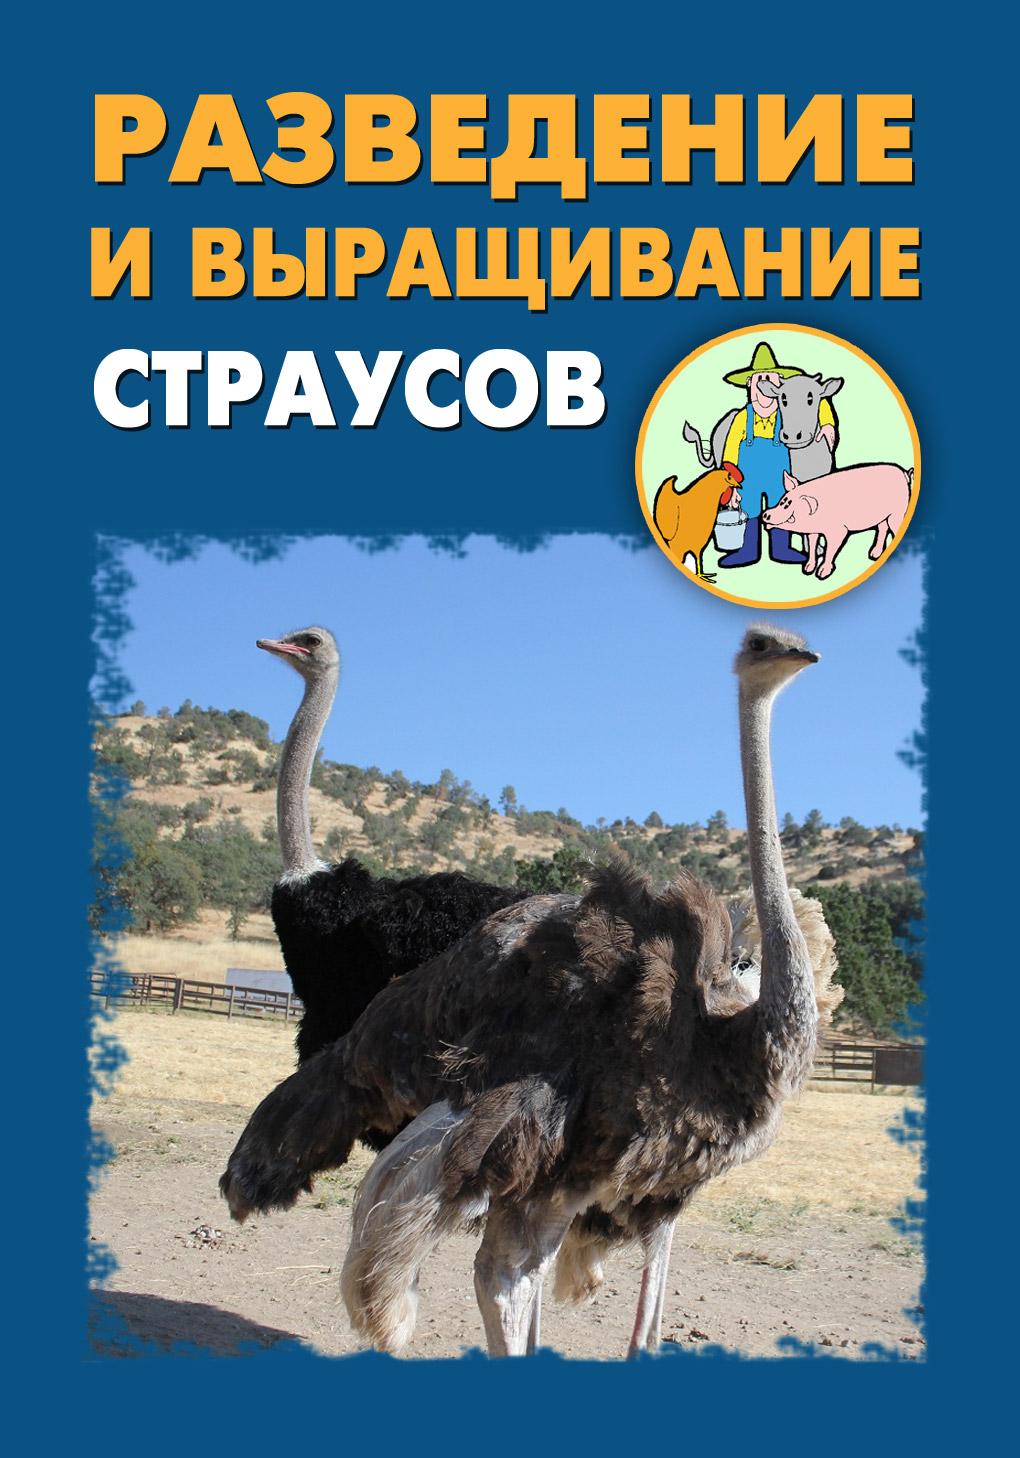 Разведение и выращивание страусов